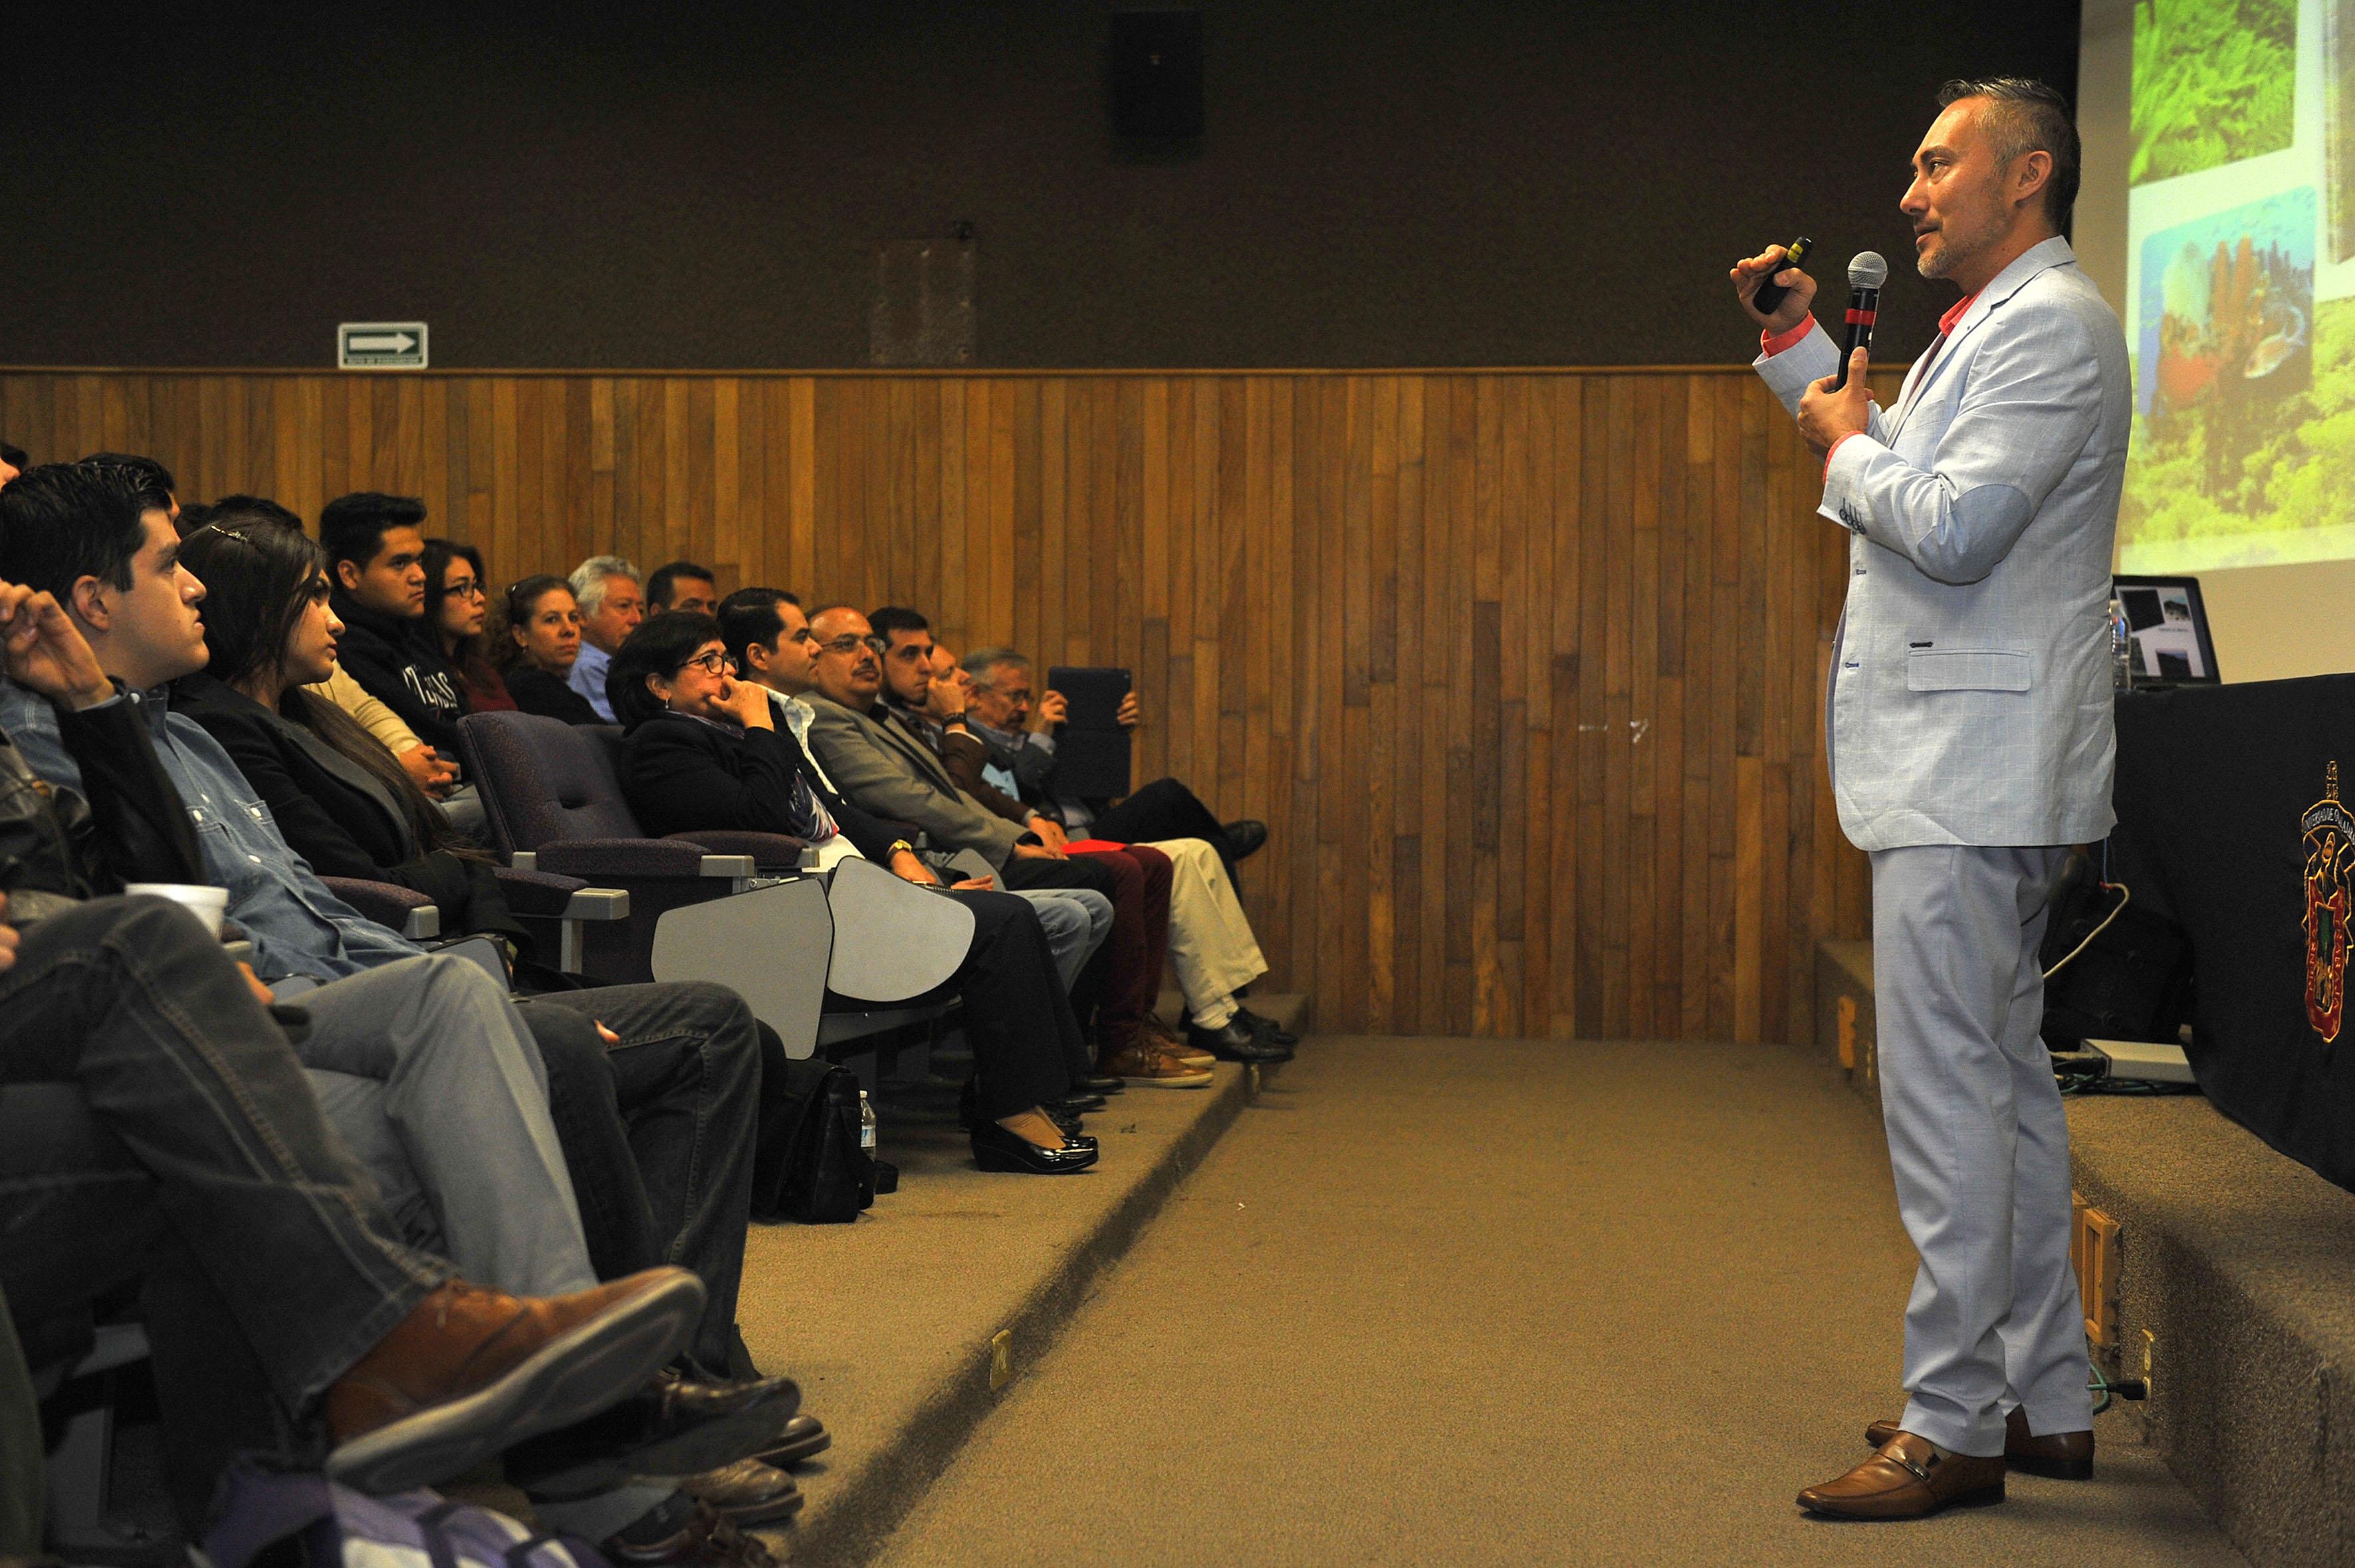 Alexandre Cardoso Taketa participando en el Alexandre en el 3er Simposio Internacional del Doctorado en Ciencias en Procesos Biotecnológicos, organizado por el Centro Universitario de Ciencias Exactas e Ingenierías (CUCEI)